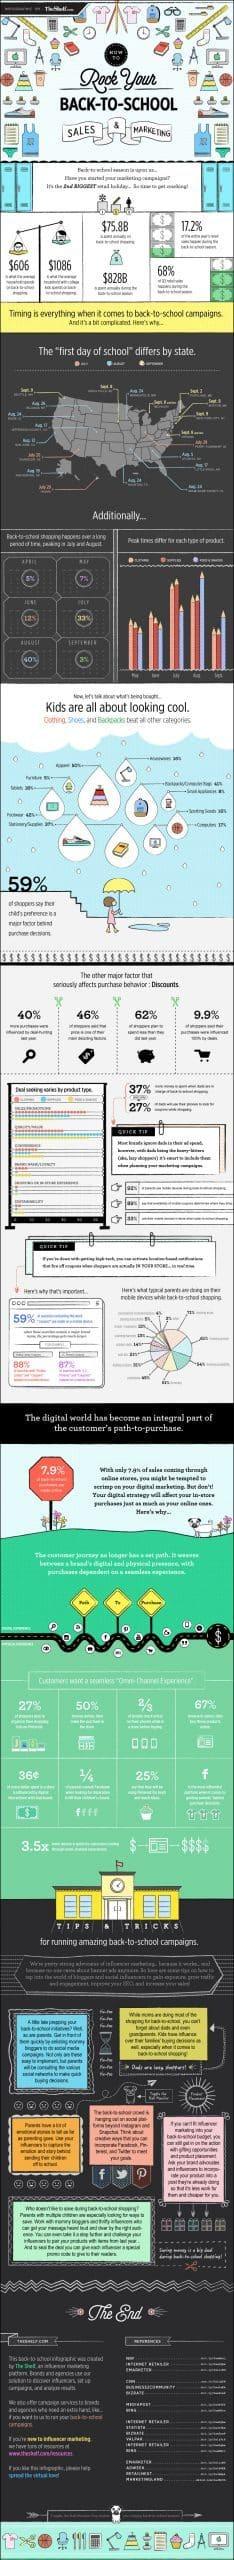 ejemplos de infografia, educación